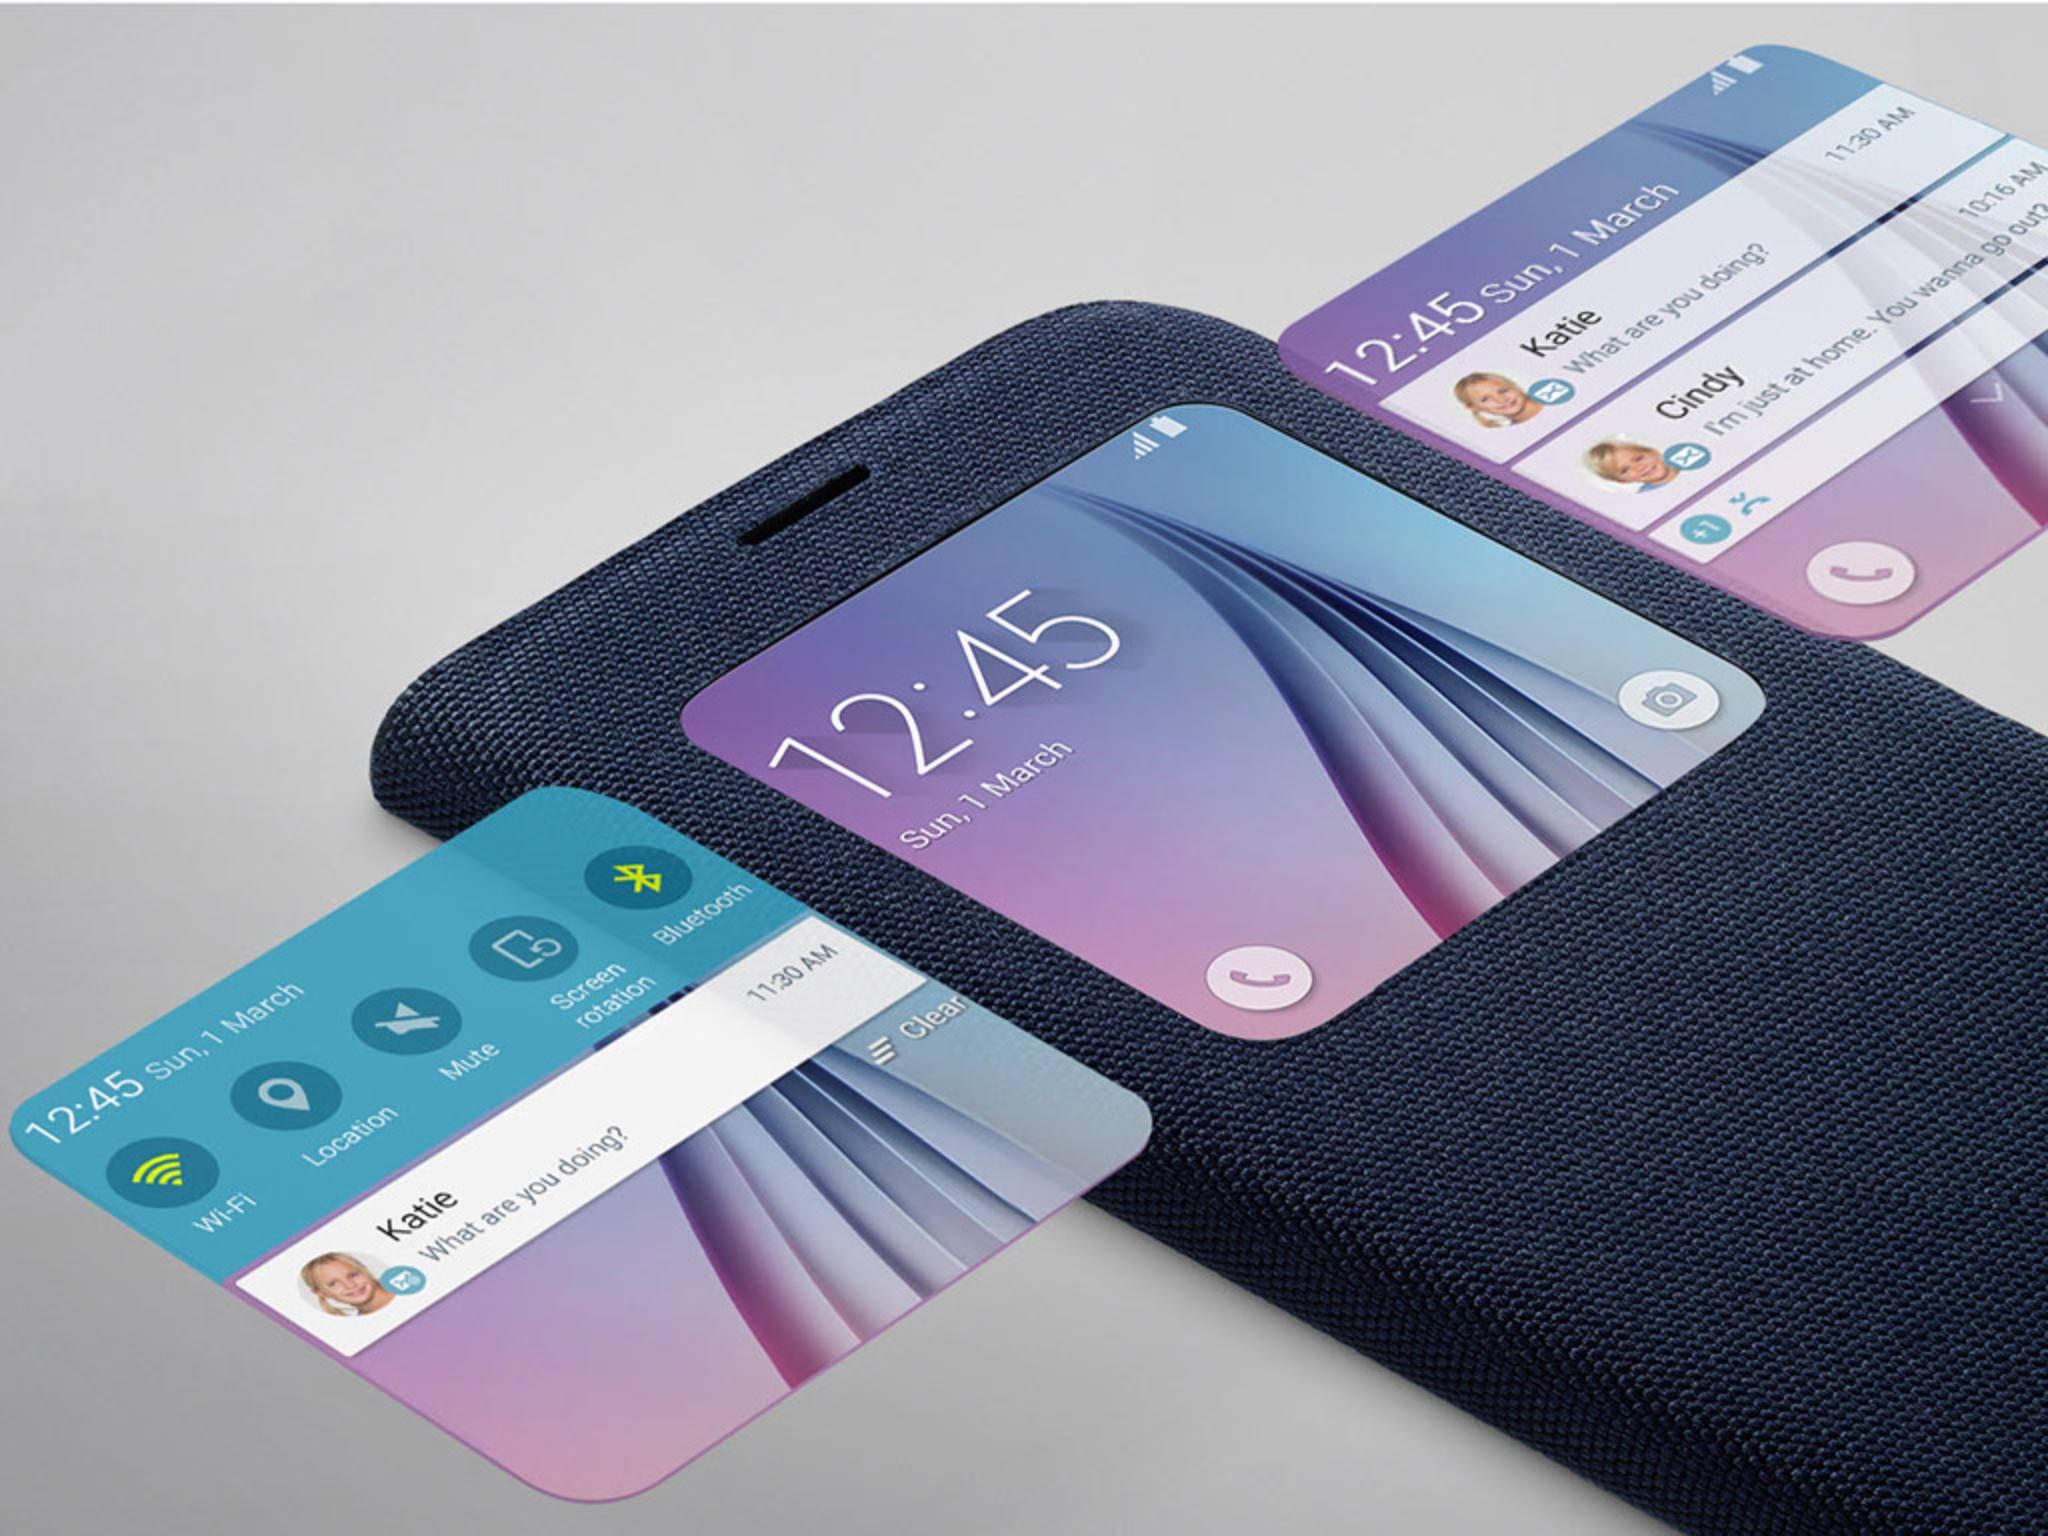 Auch für das Galaxy Note 7 wird es wohl wieder ein S-View Cover geben.